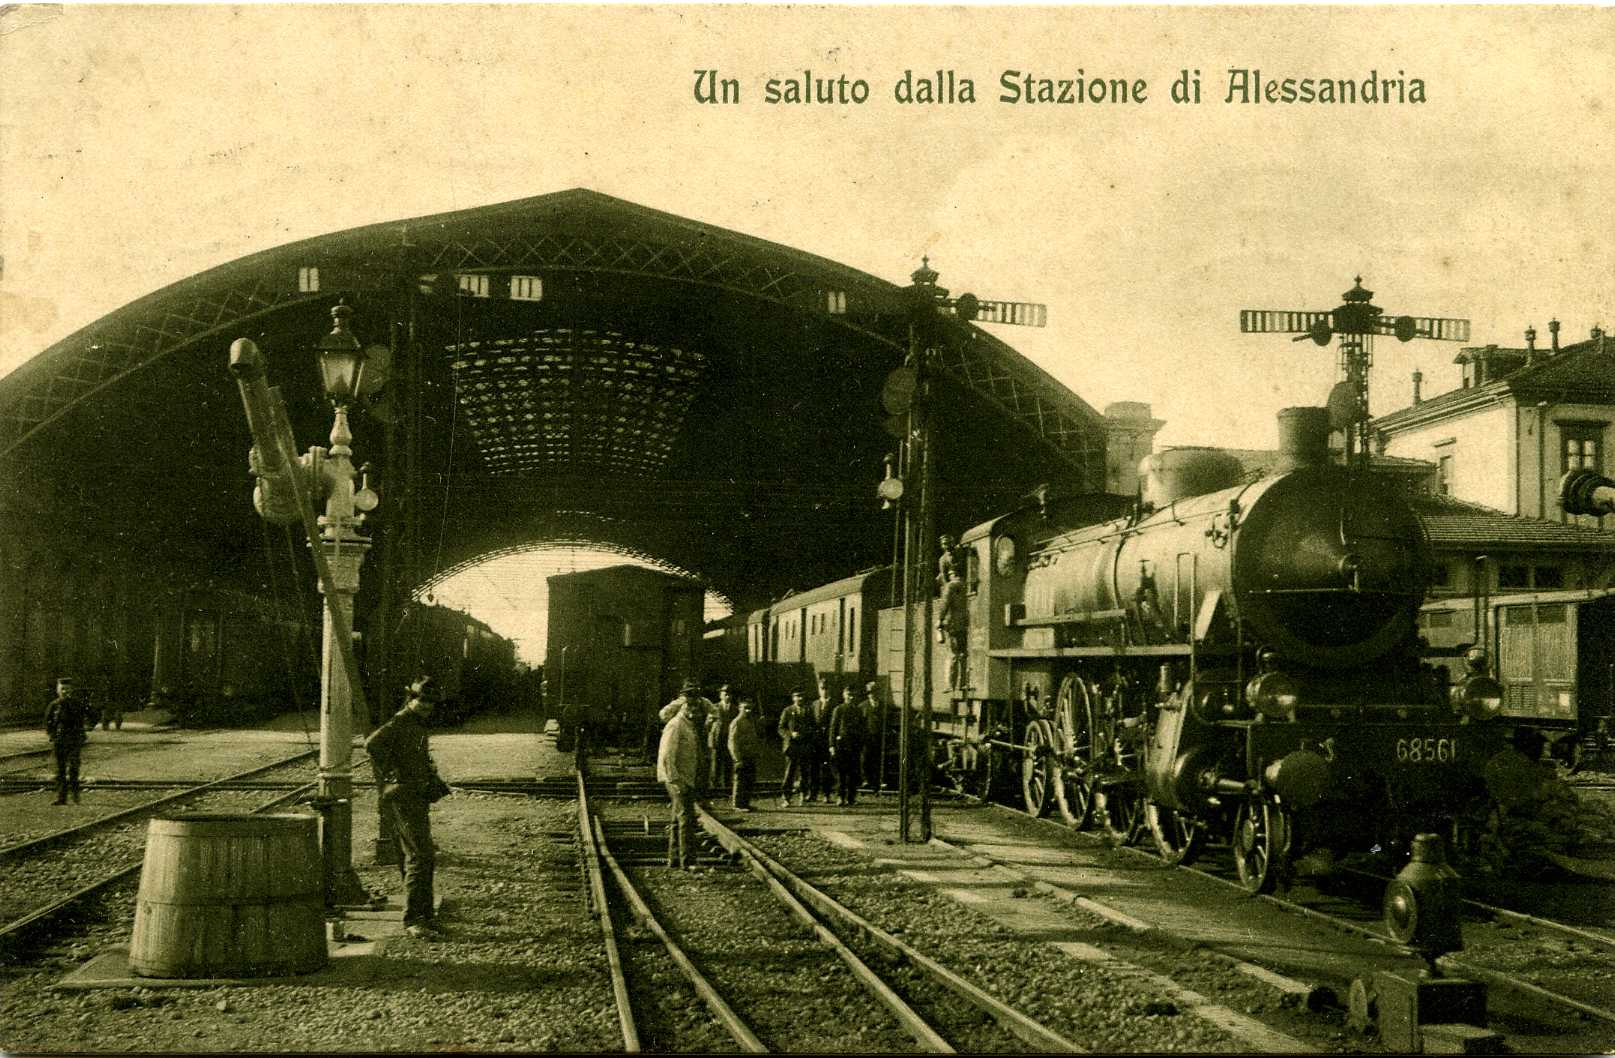 Collezione_di_Tony_Frisina_-_Alessandria_stazione